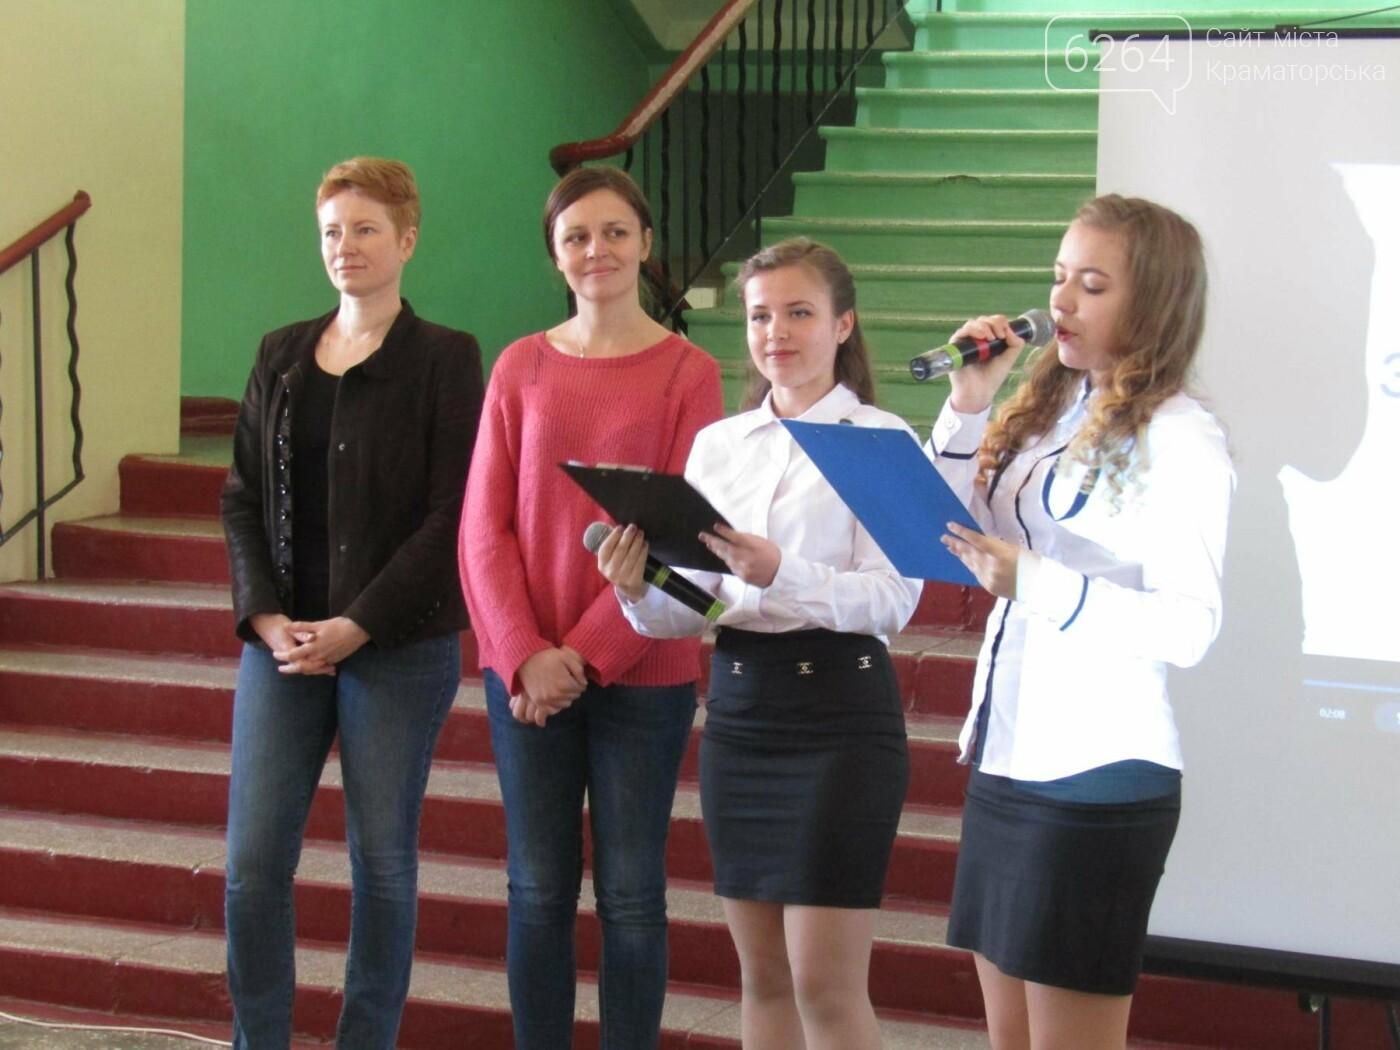 ОШ №24 Краматорска стала первой в городе, где школьники перешли на раздельный сбор отходов, фото-2